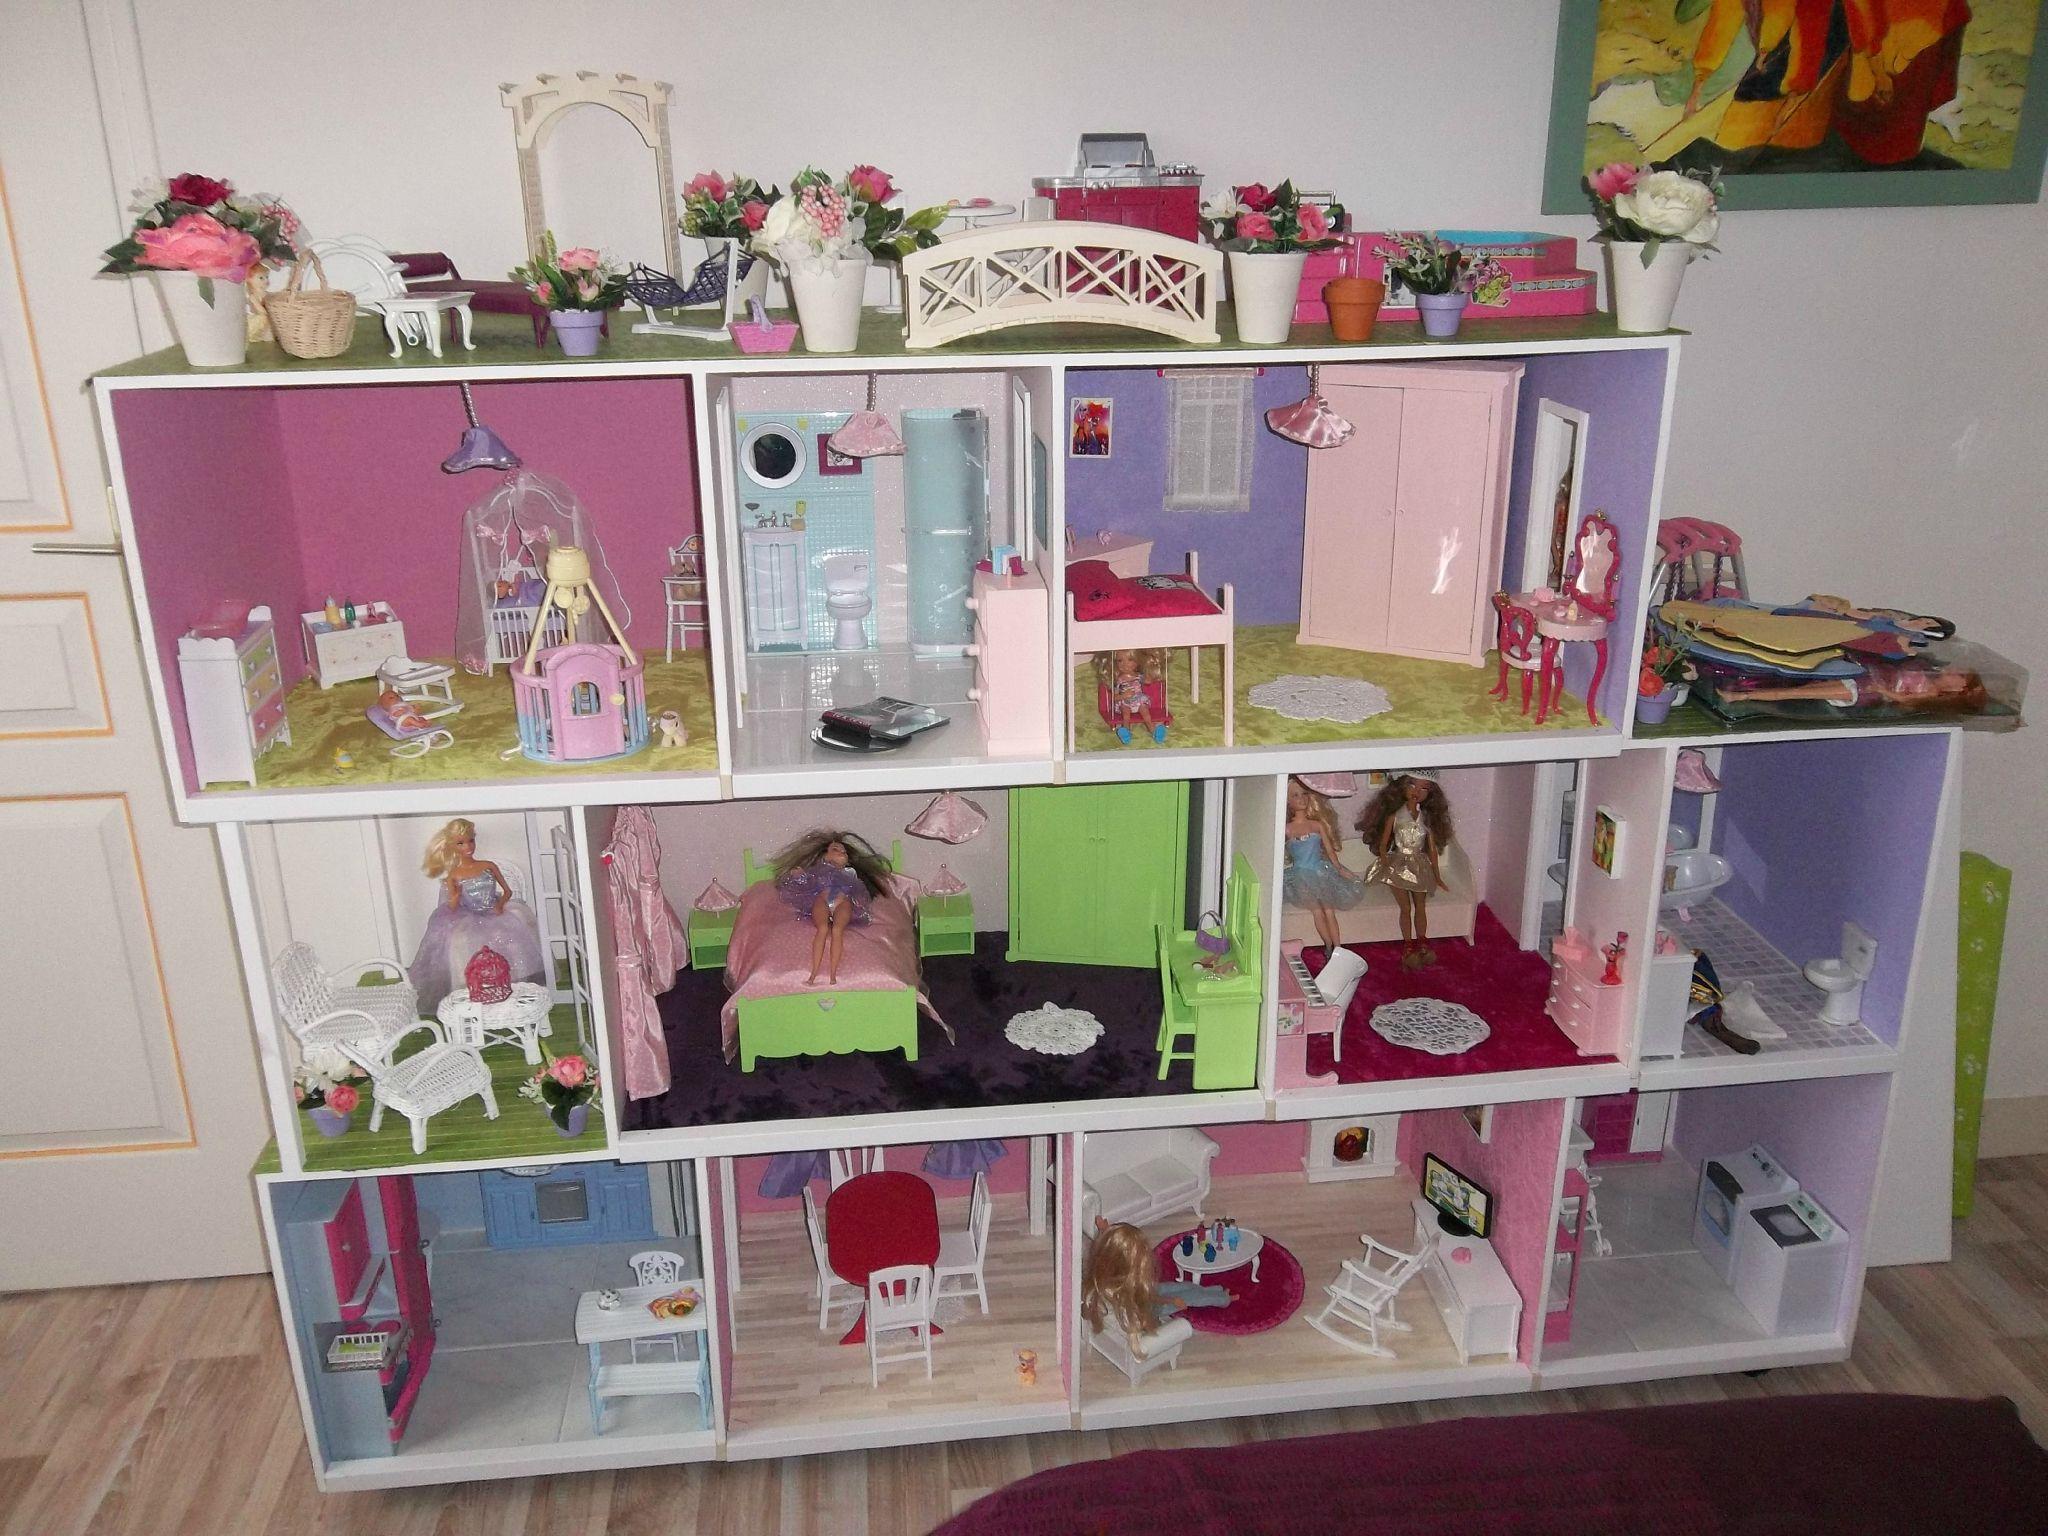 100 0843 maison de barbie pinterest maison barbie roulette et barbie. Black Bedroom Furniture Sets. Home Design Ideas